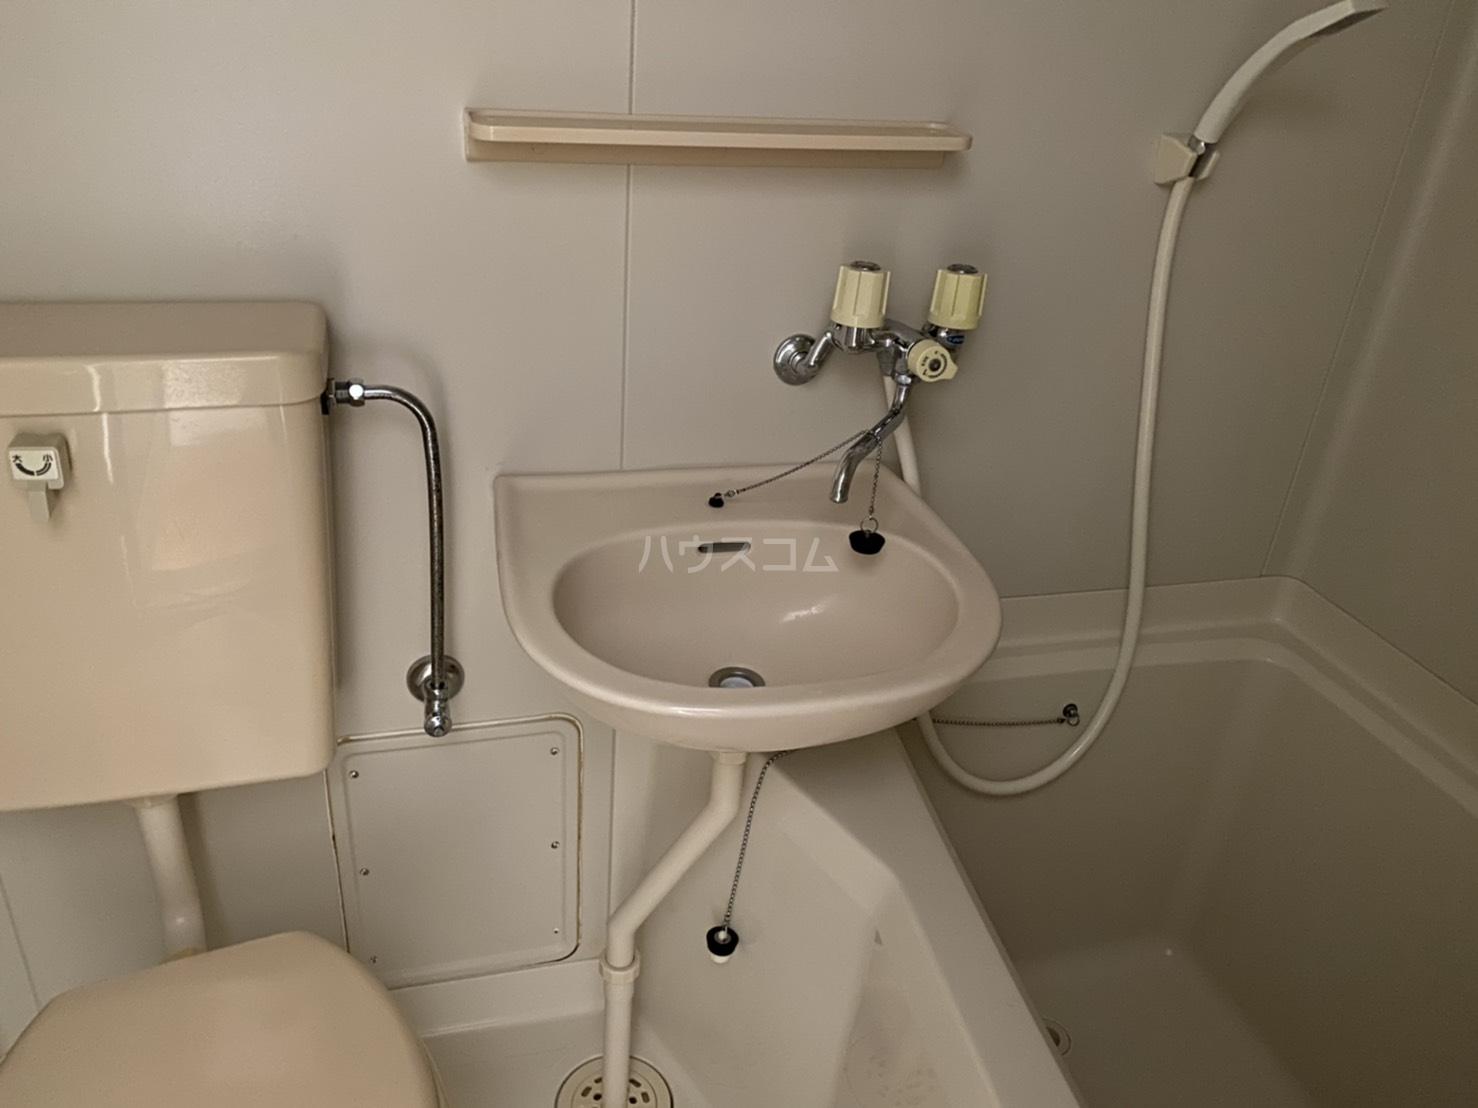 クレア湘南 203号室の洗面所